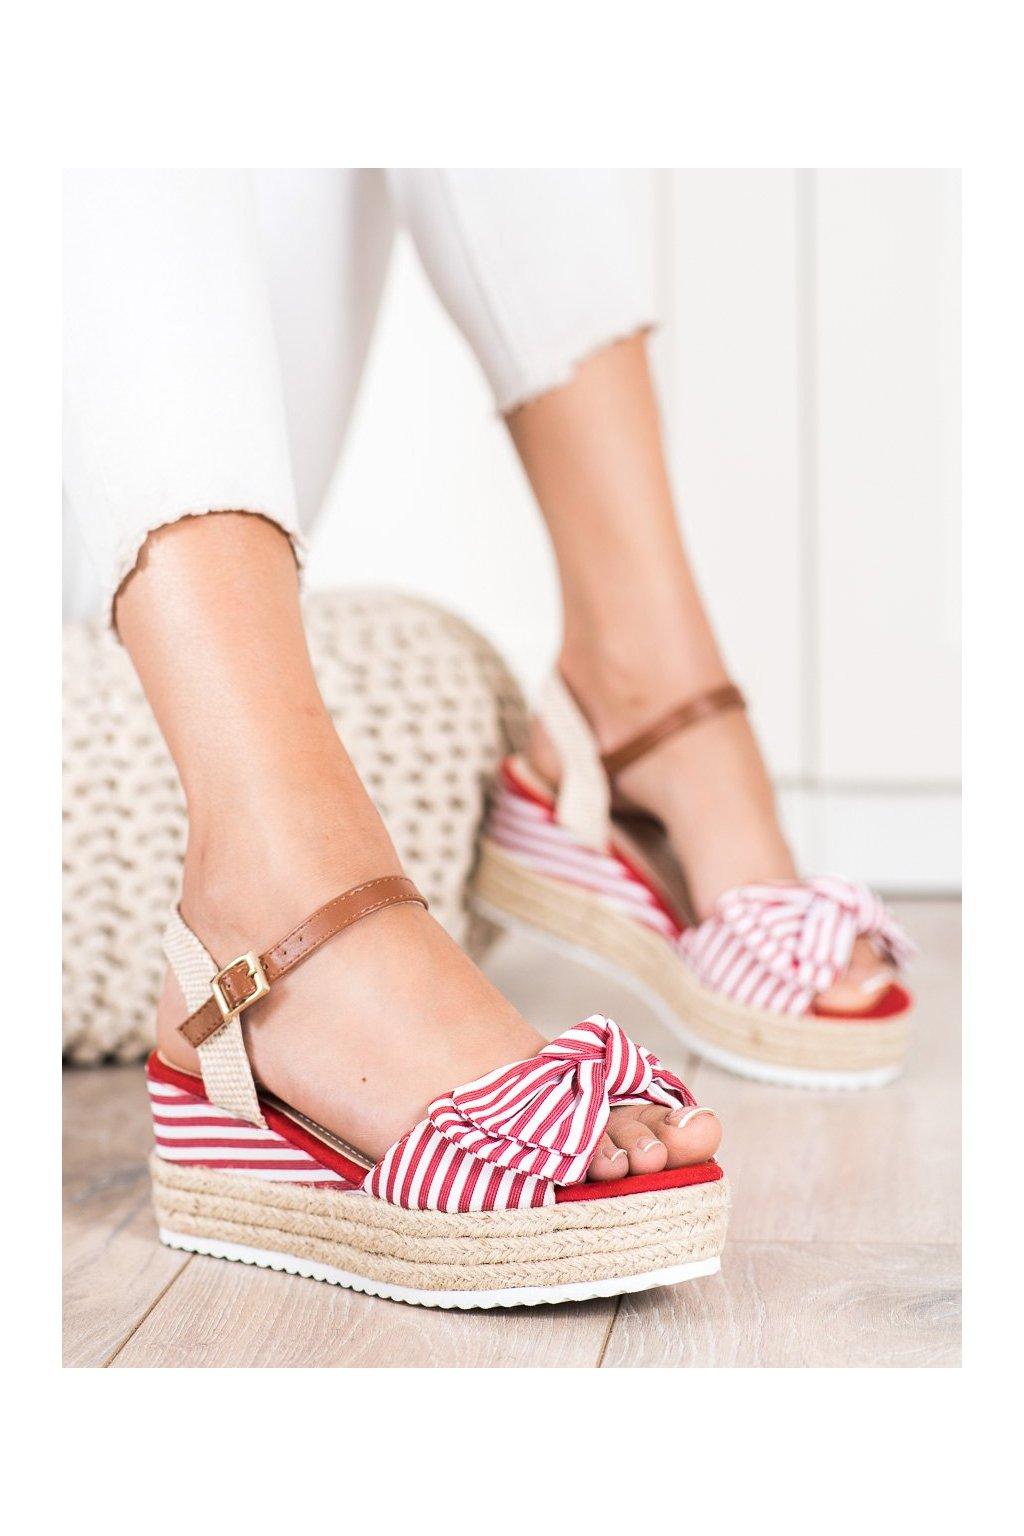 Červené dámske sandále Sweet shoes kod DZ8009R